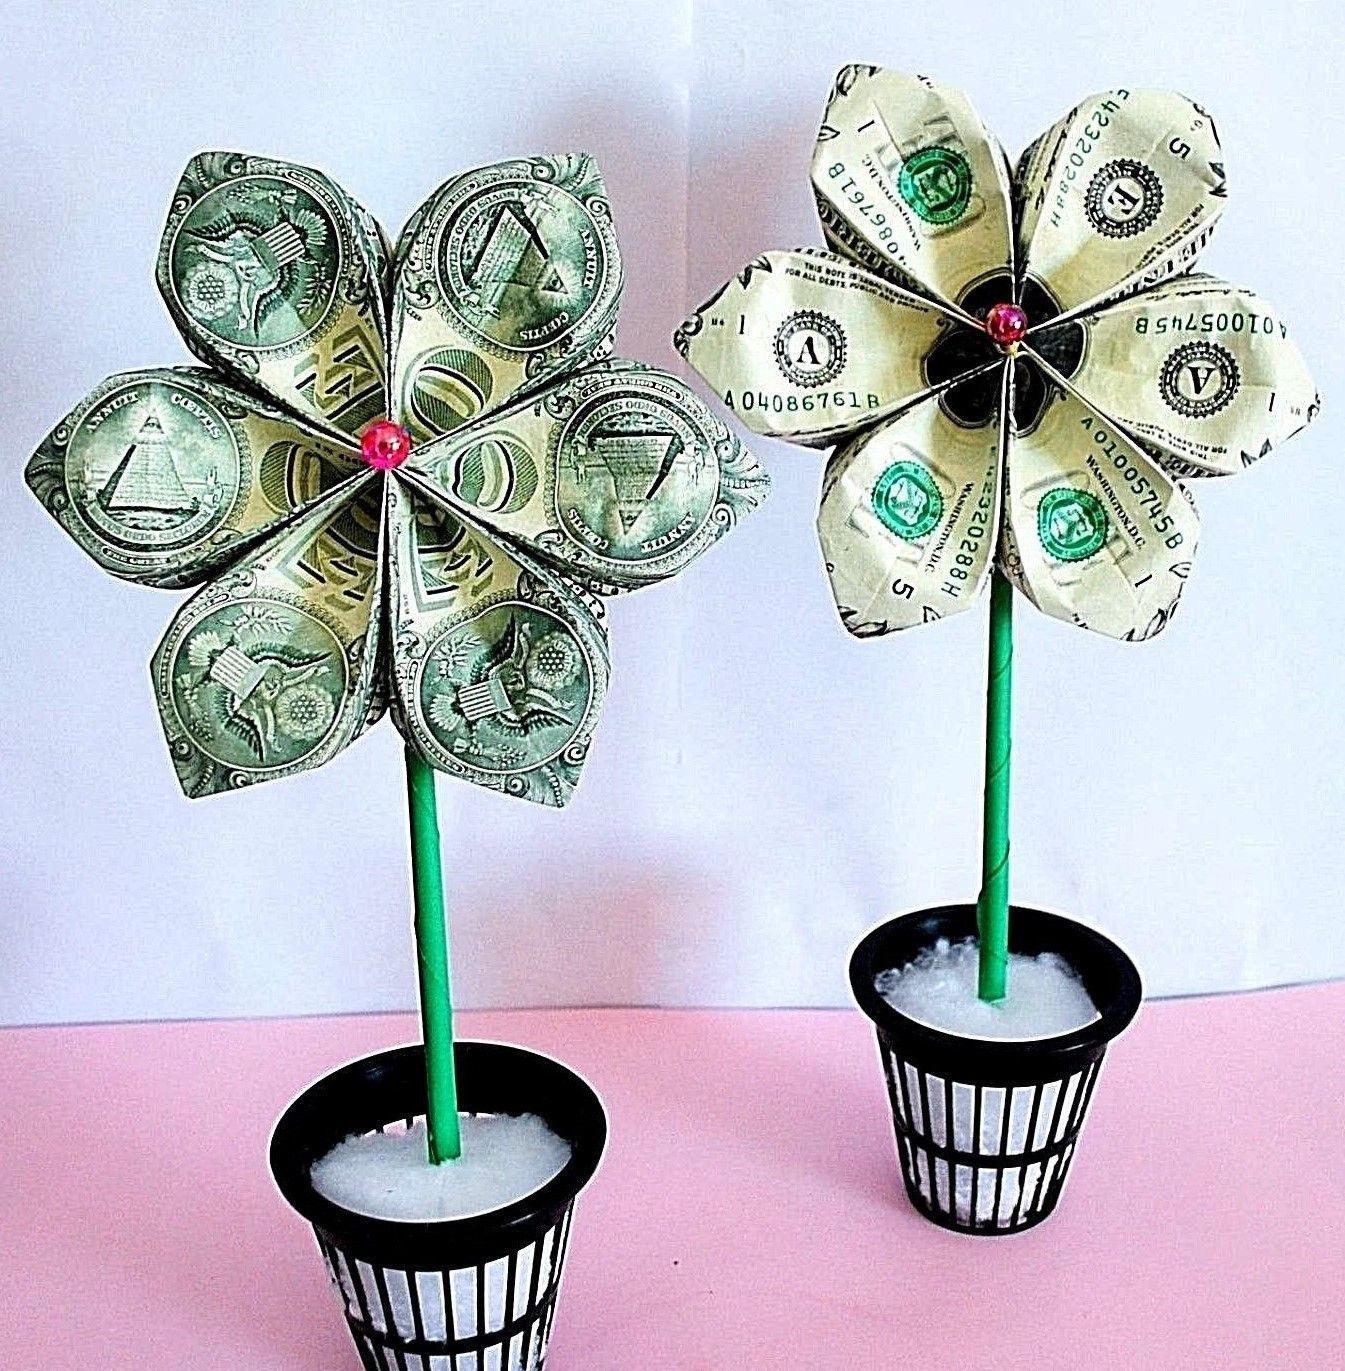 money origami money flower origami flower money bouquet - photo#28